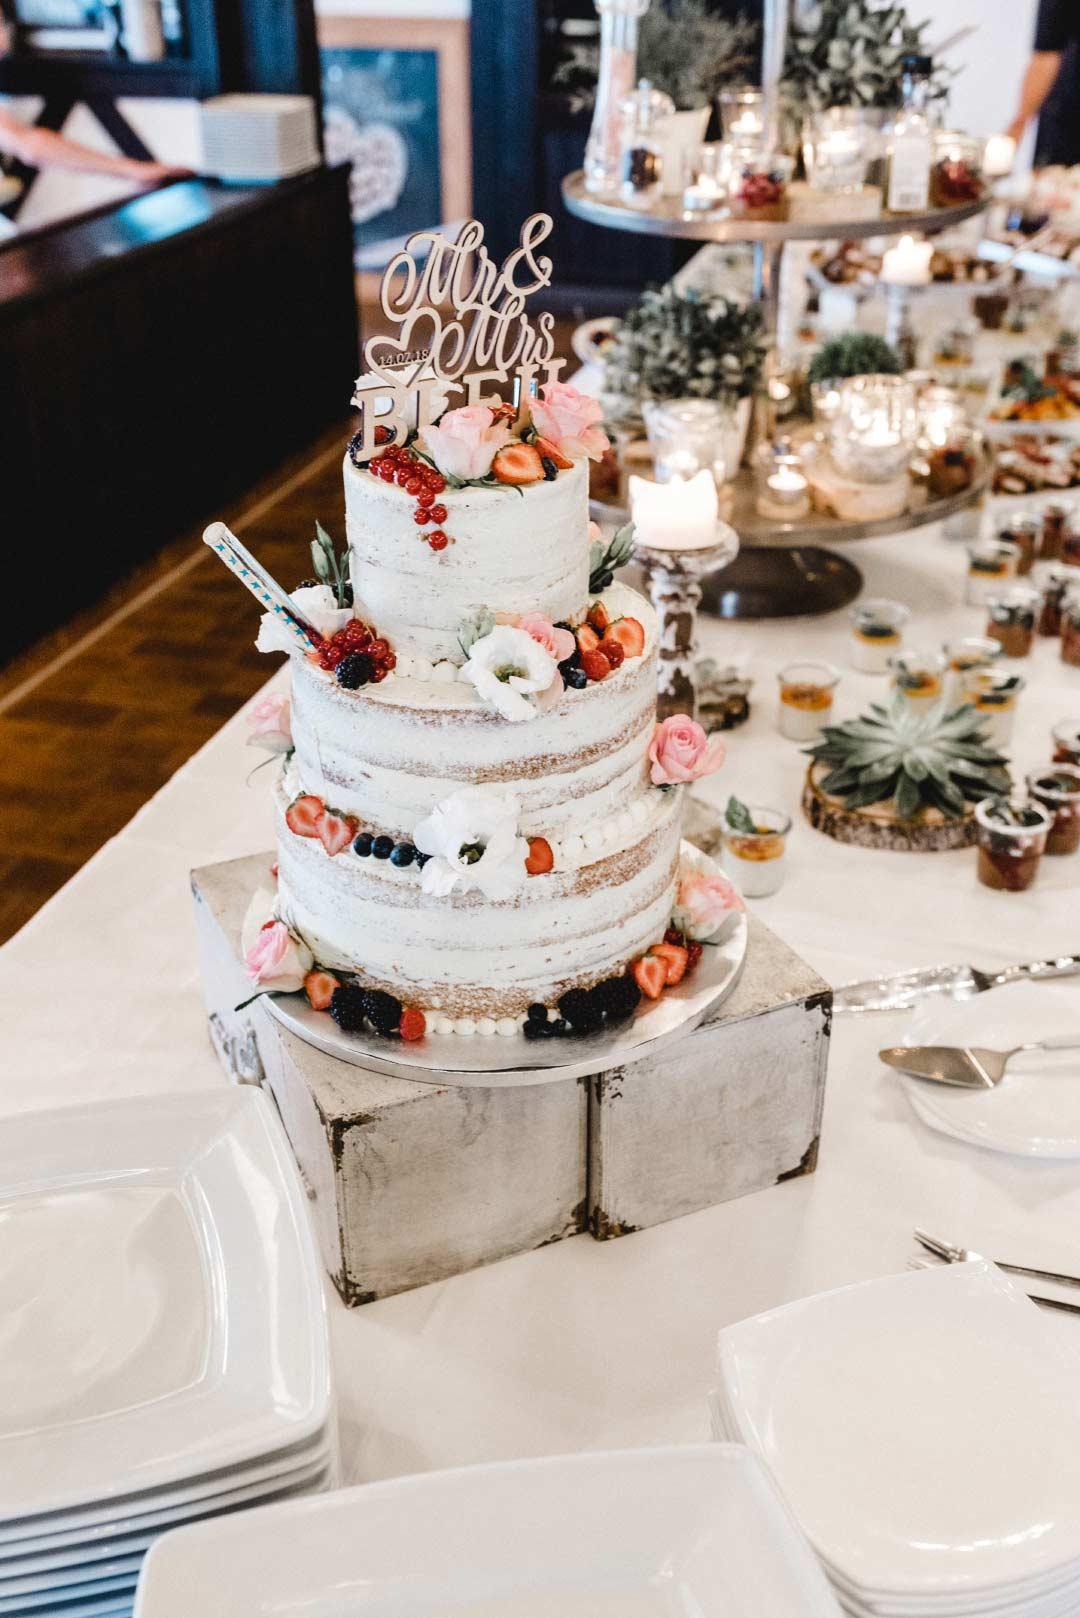 Semi-Naked-Cake als Hochzeitstorte